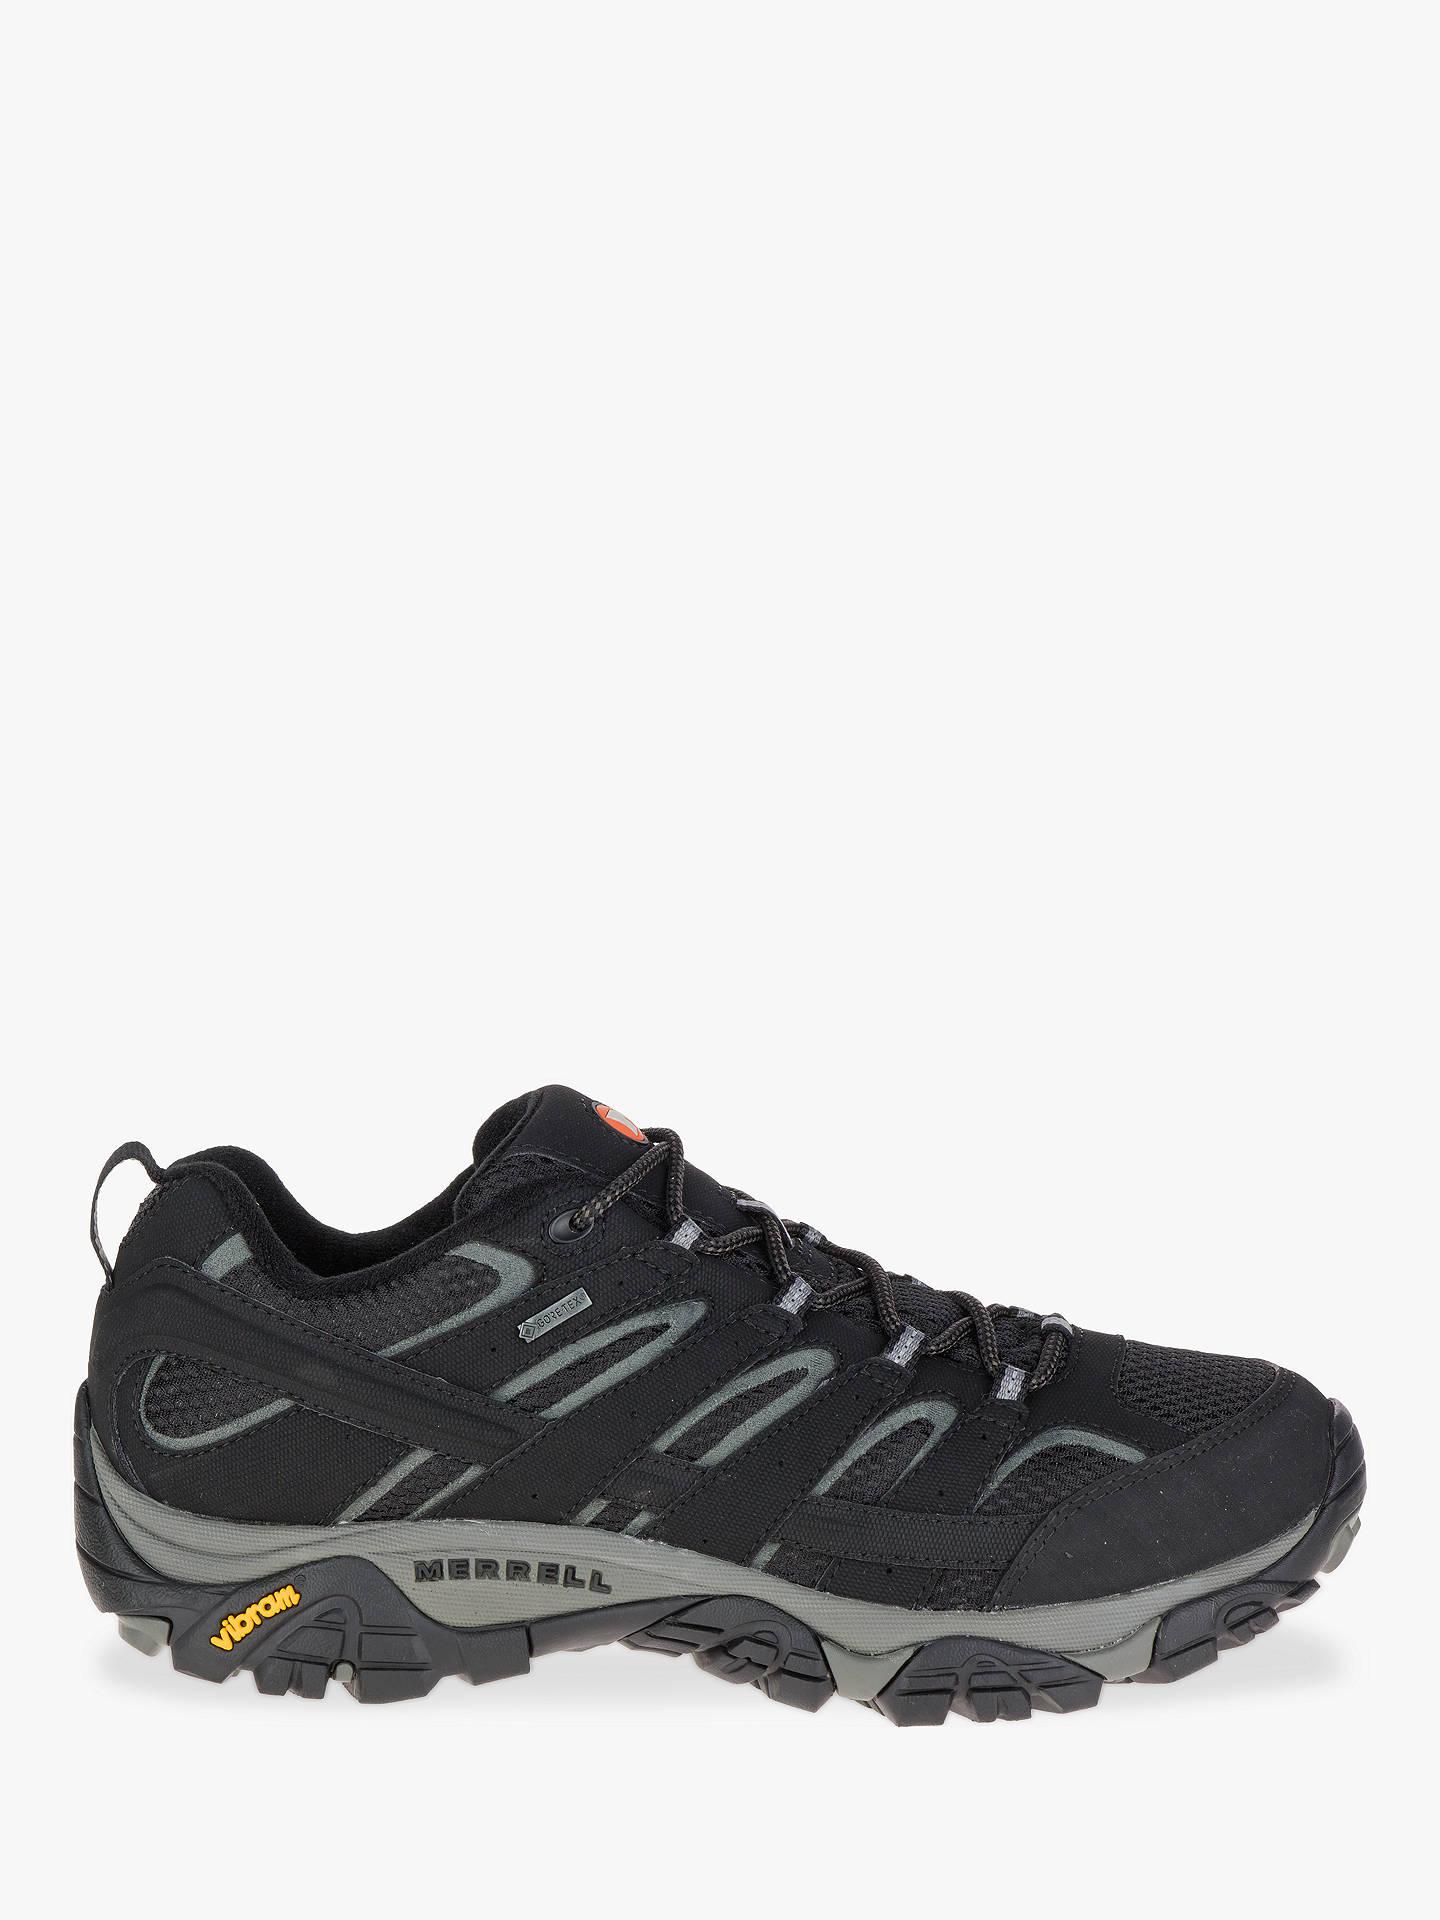 a9f46fb2d4 Merrell MOAB 2 GORE-TEX Men's Hiking Shoes, Black